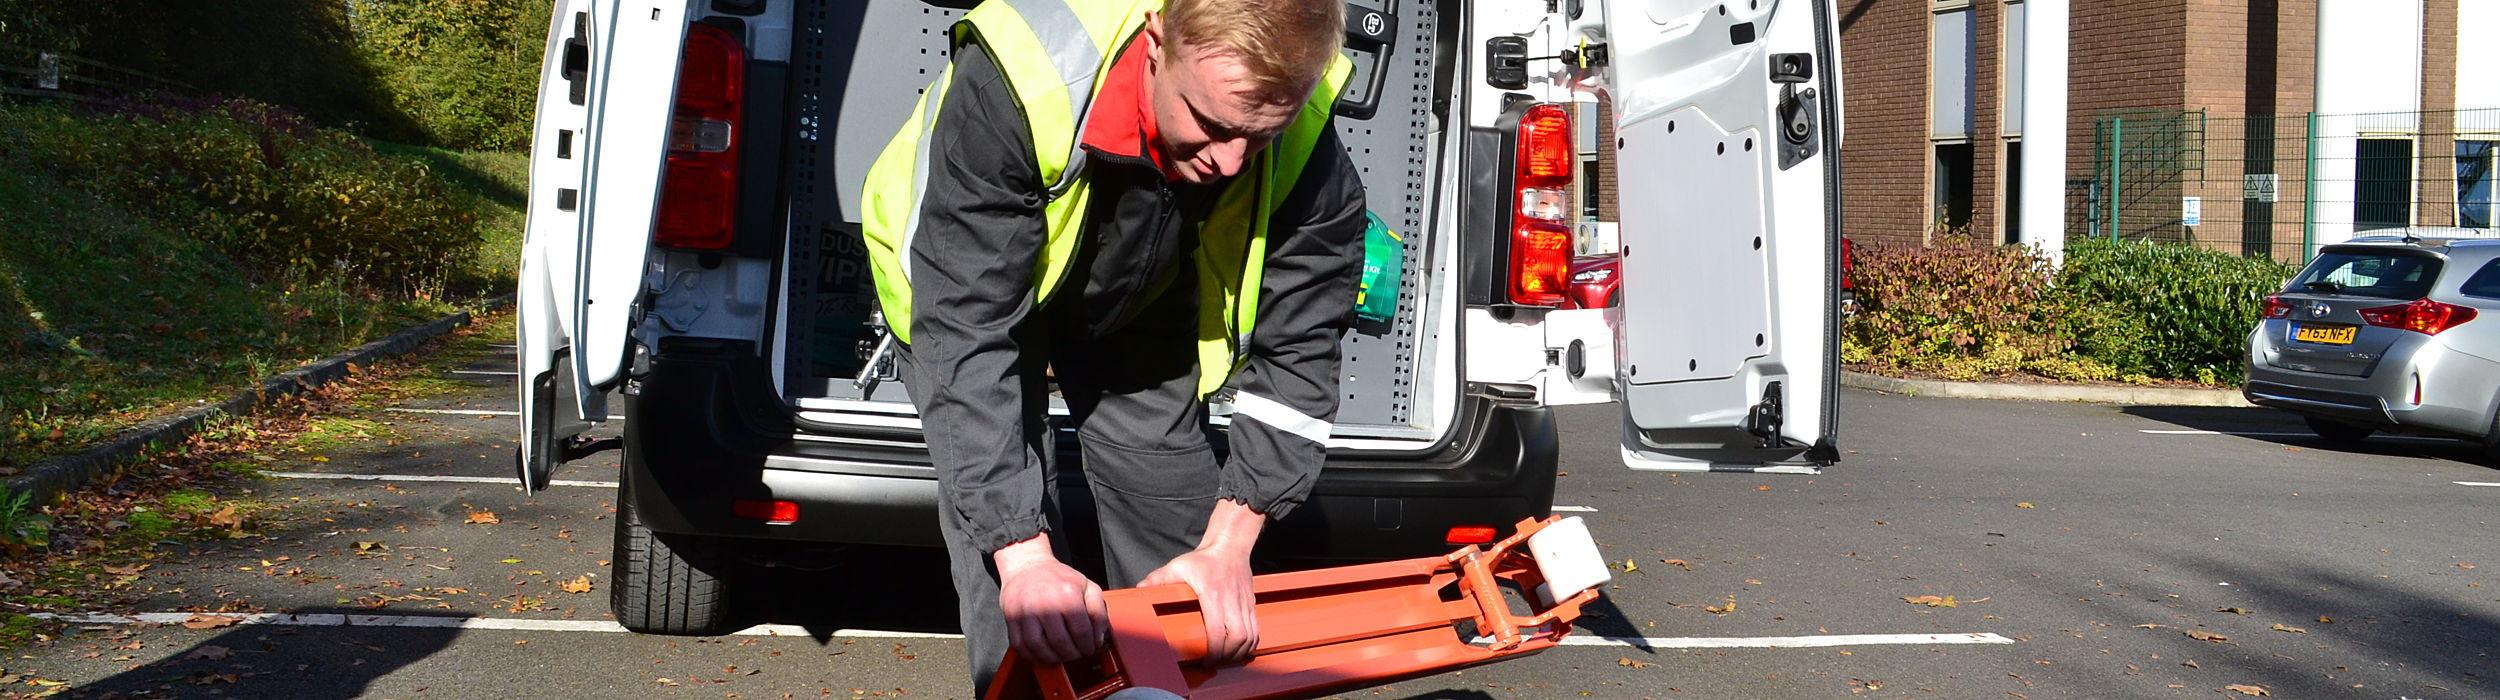 hand pallet truck specialist